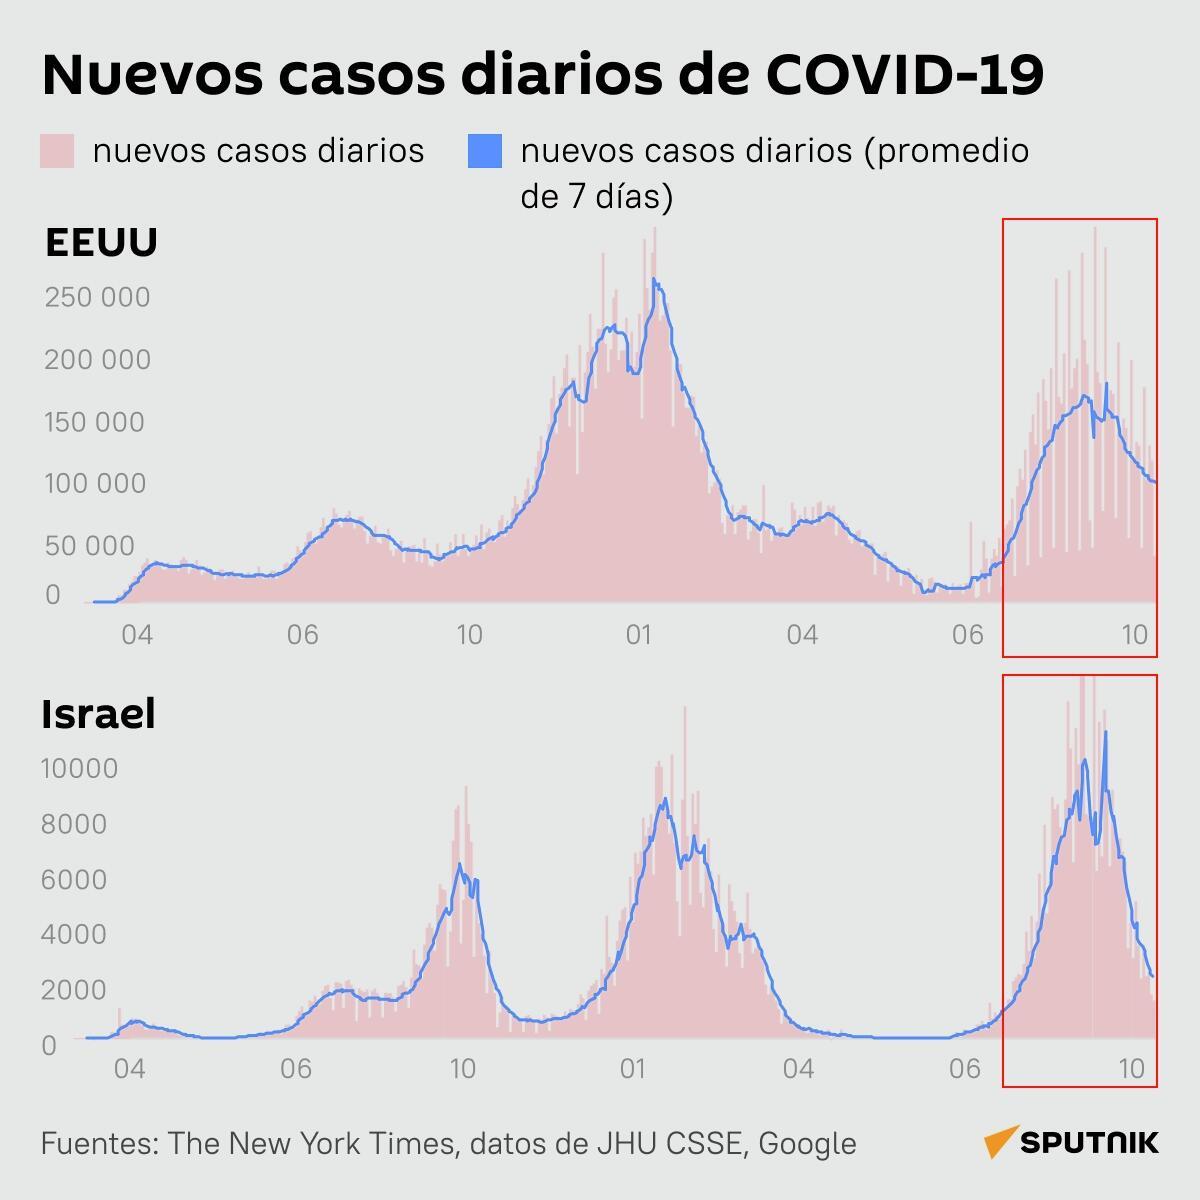 Nuevos casos de COVID-19 en EEUU e Israel - Sputnik Mundo